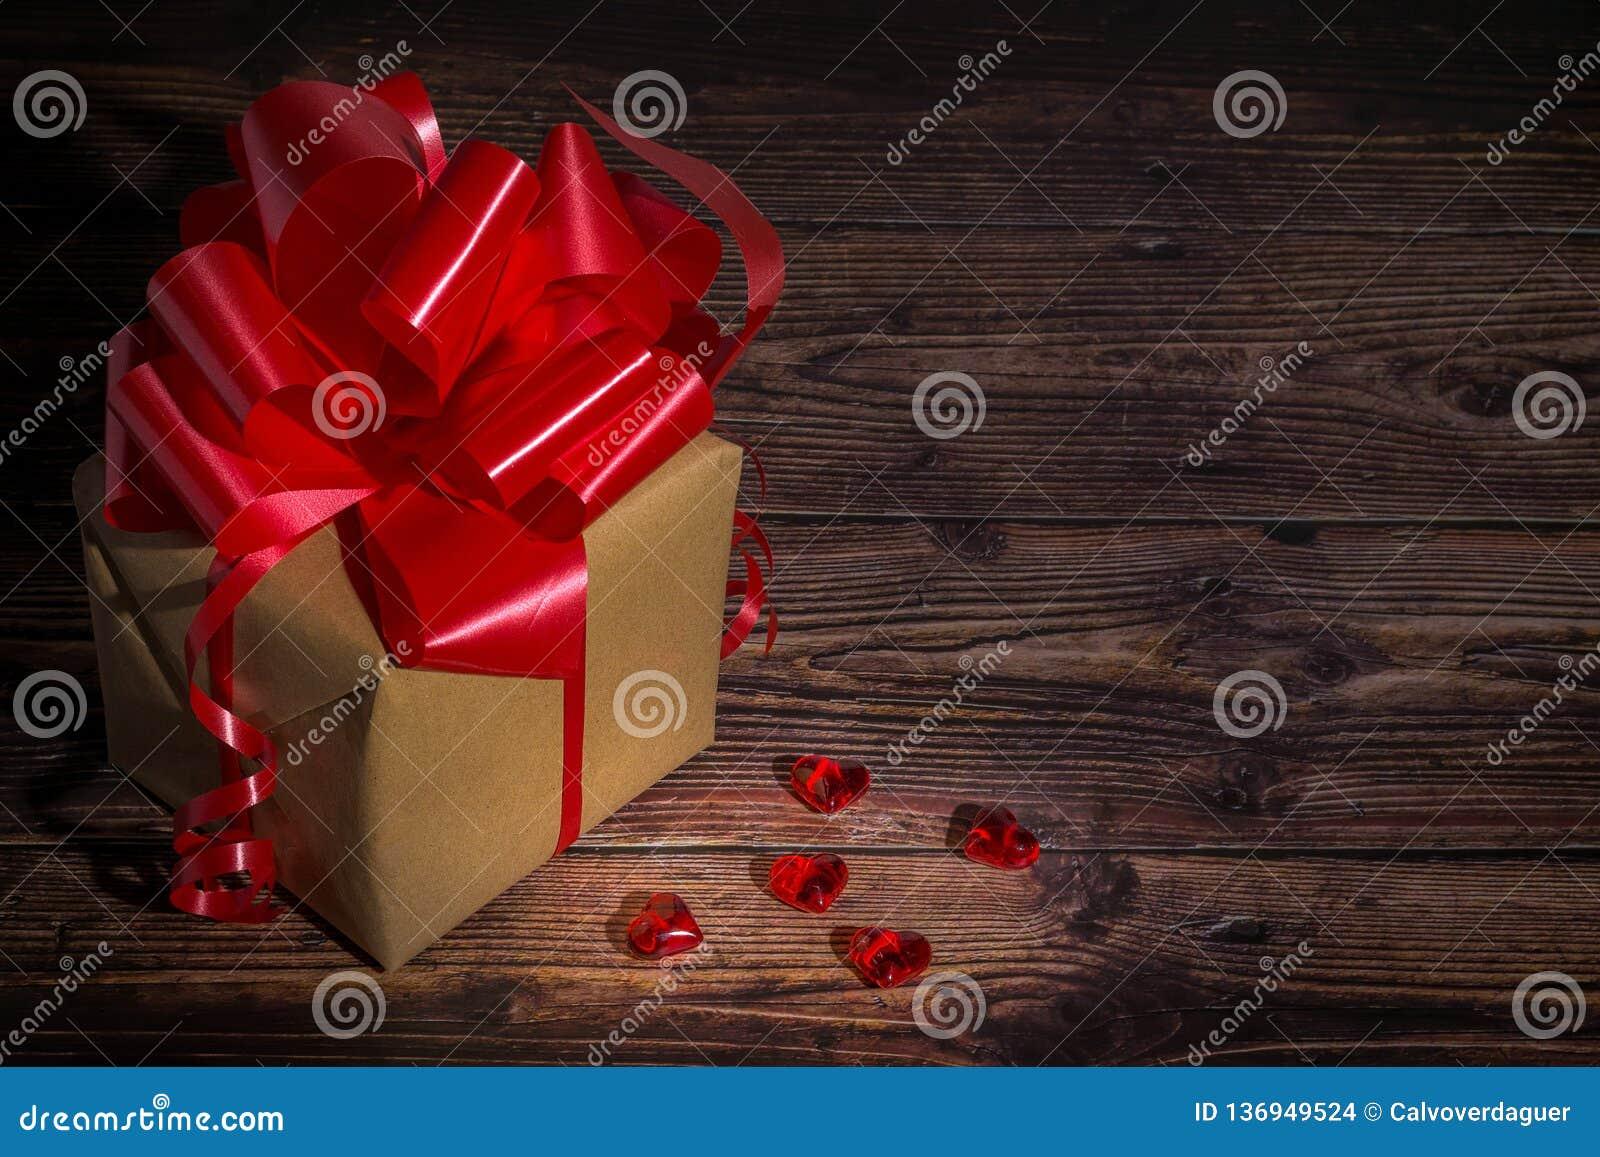 Actual caja con la cinta roja del arco y jugar a hockey shinny los pequeños corazones para día de San Valentín